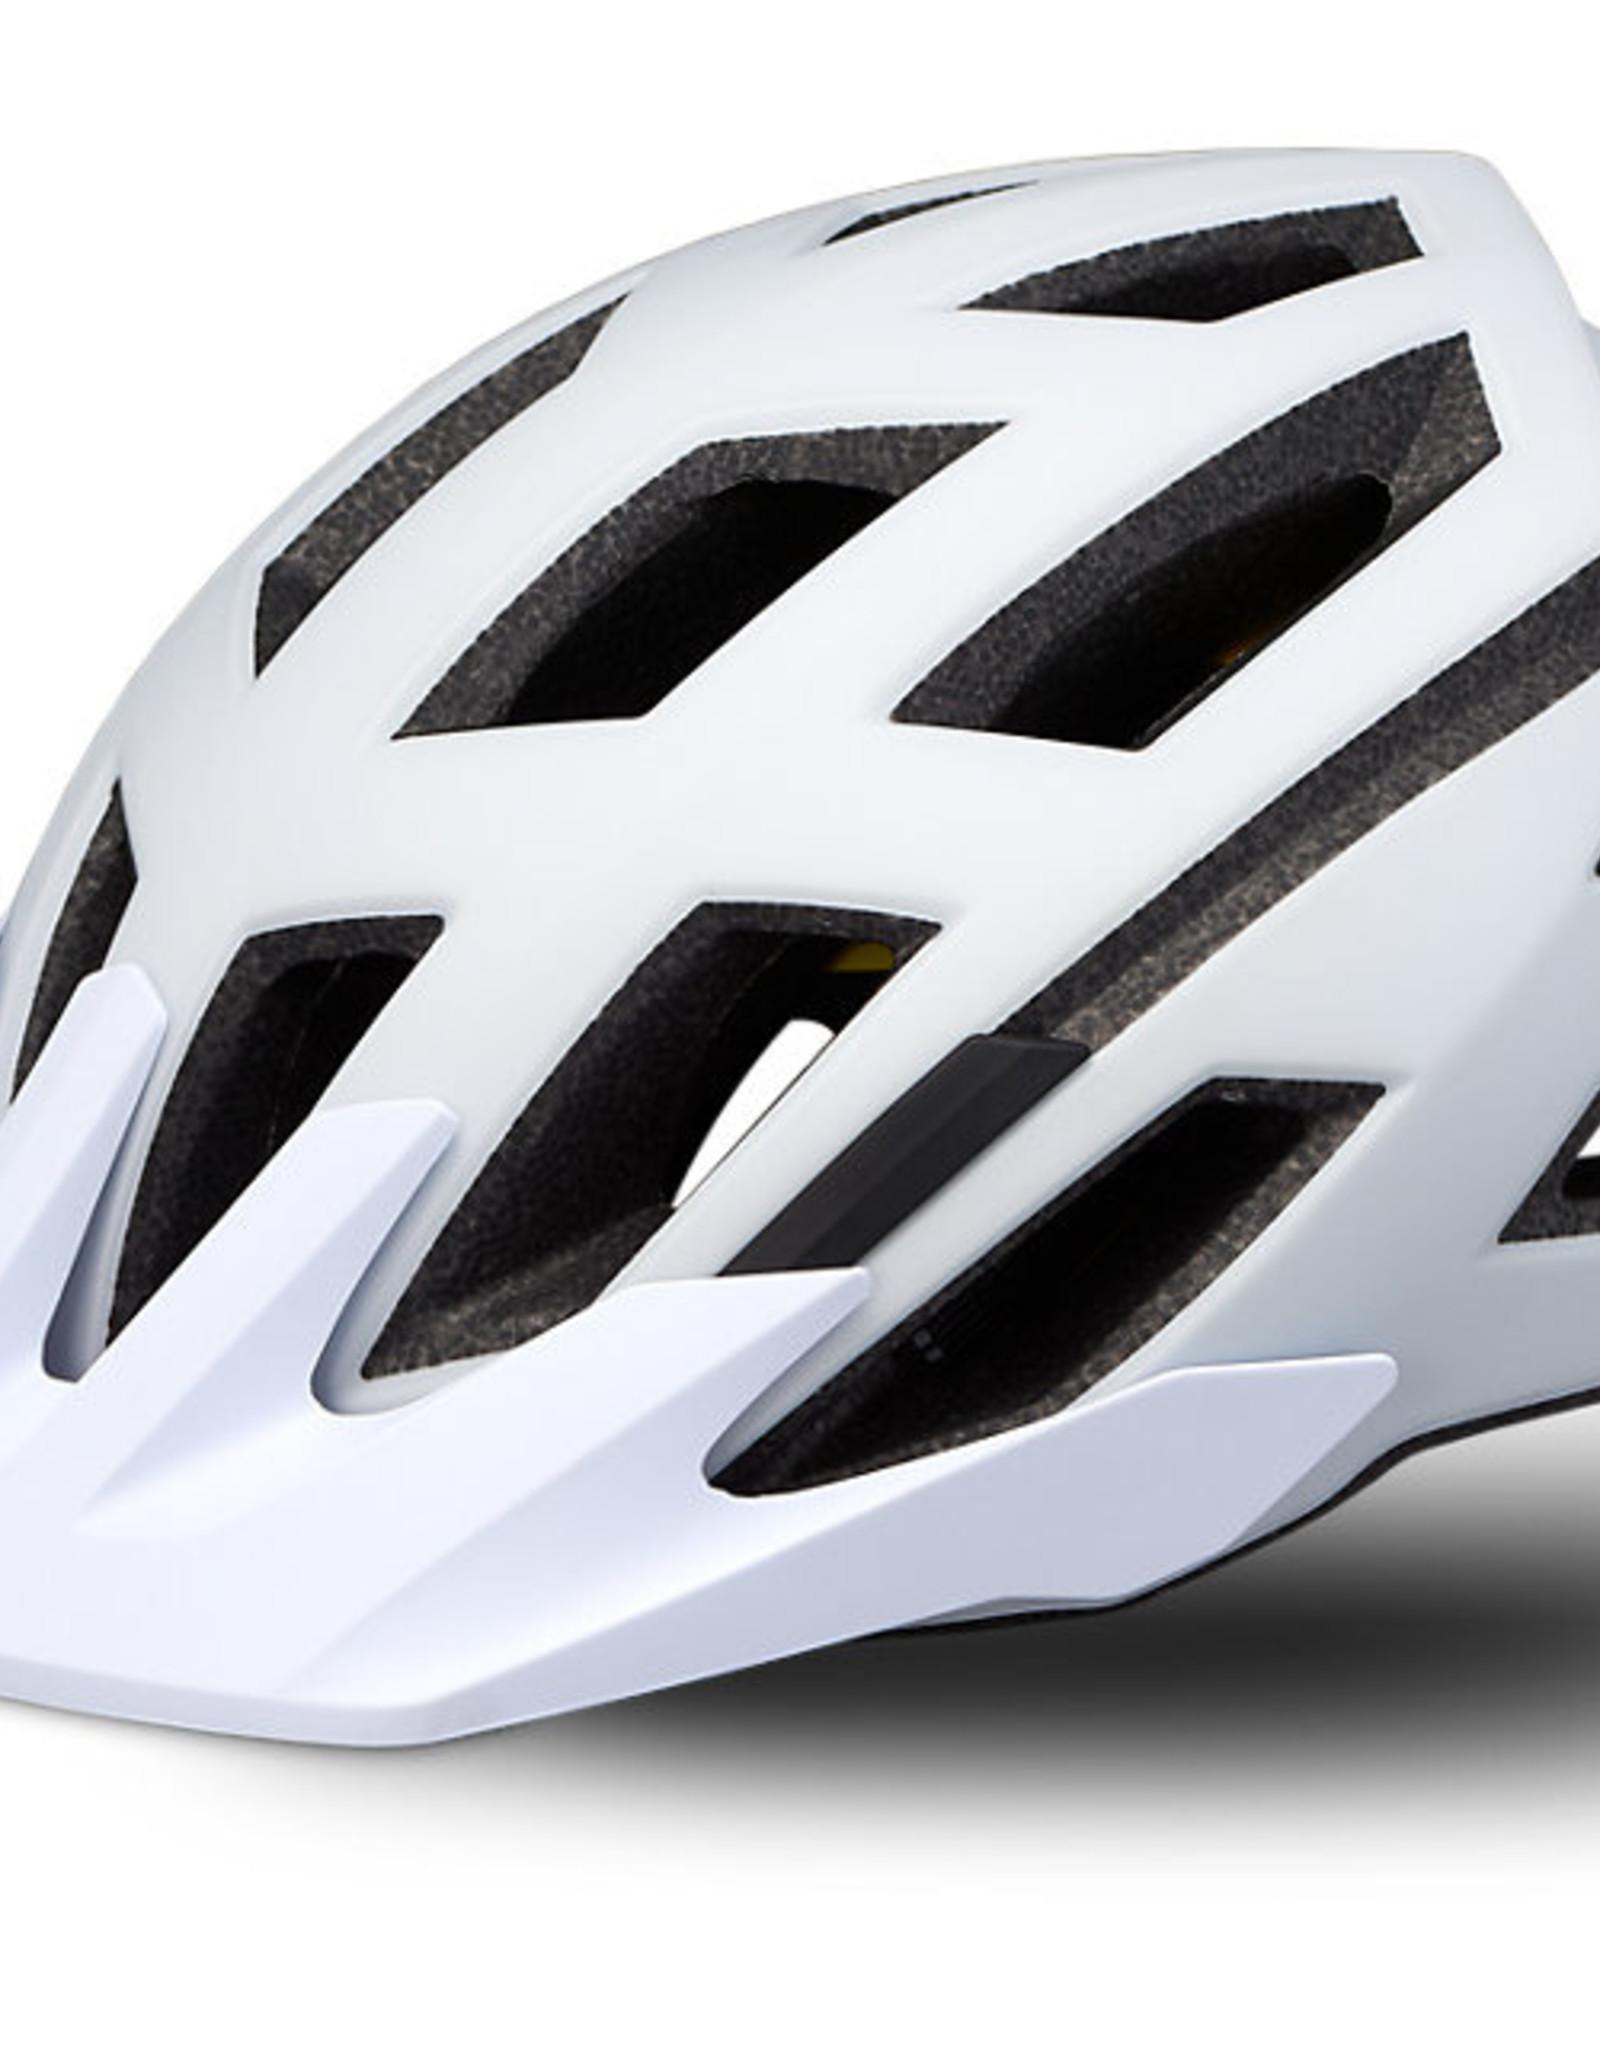 Specialized 2021 Tactic 3 MIPS Bike Helmet